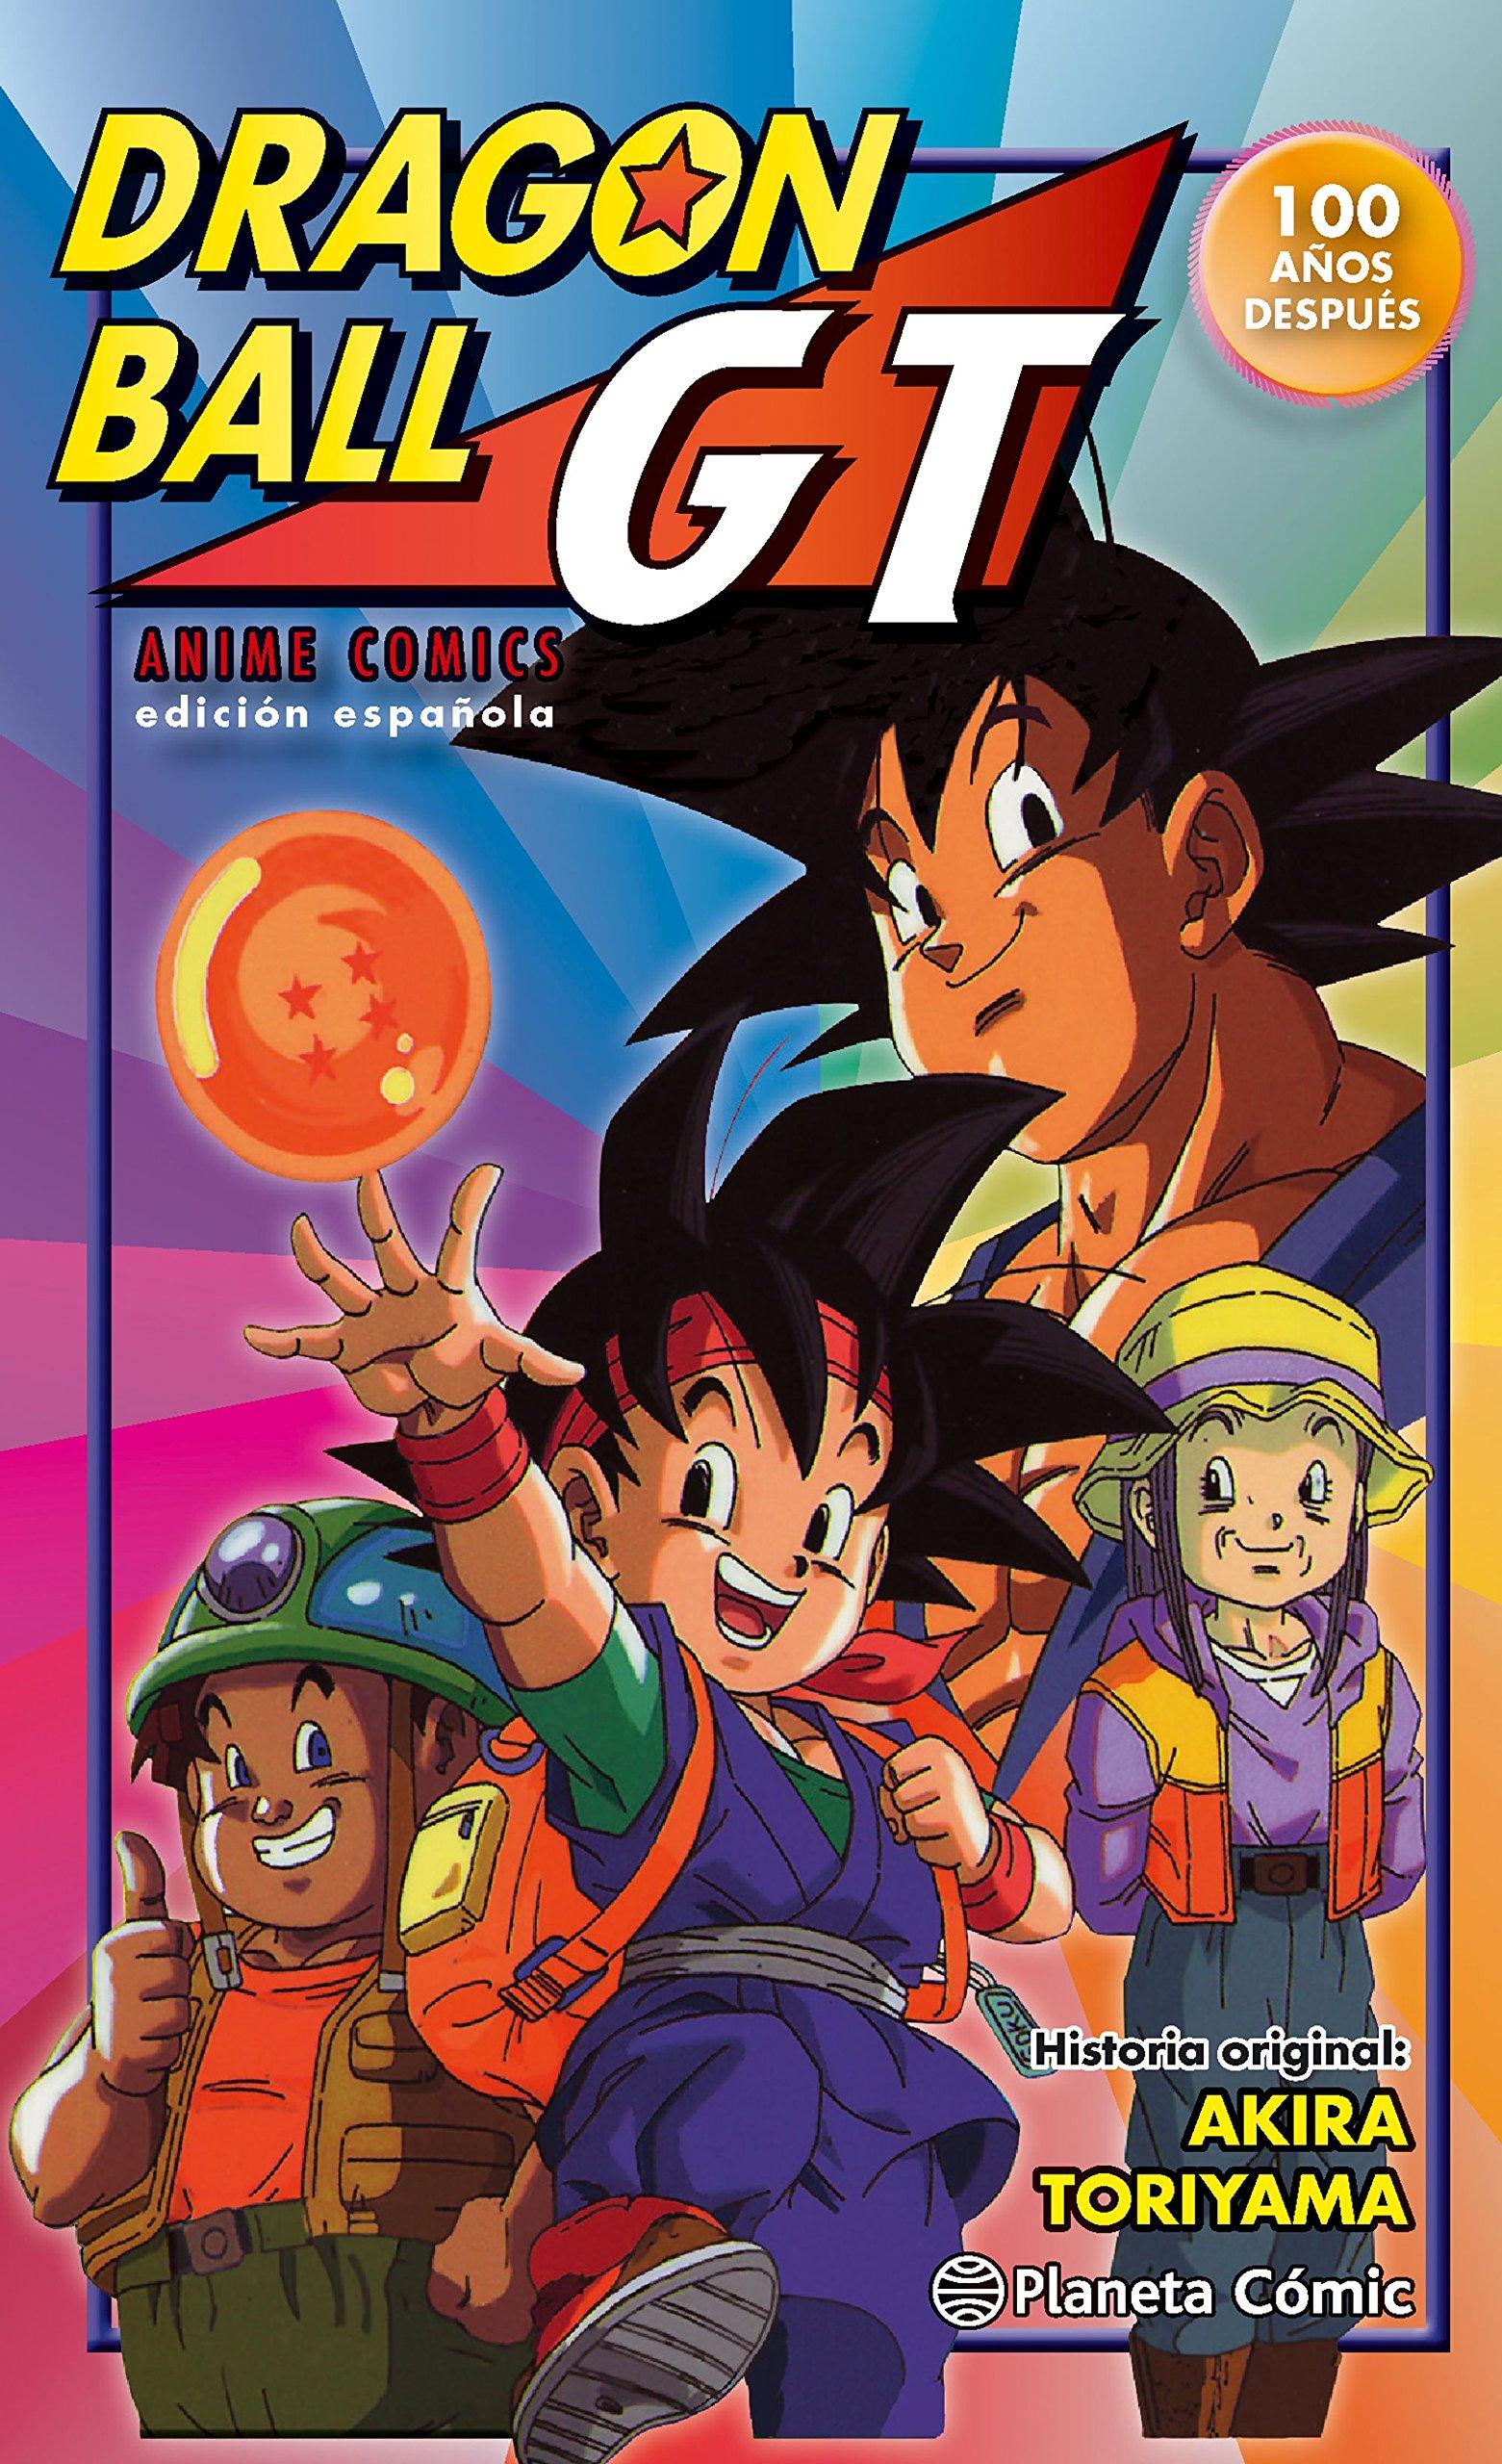 Dragon Ball GT (DRAGON BALL PELÍCULAS, Band 191)